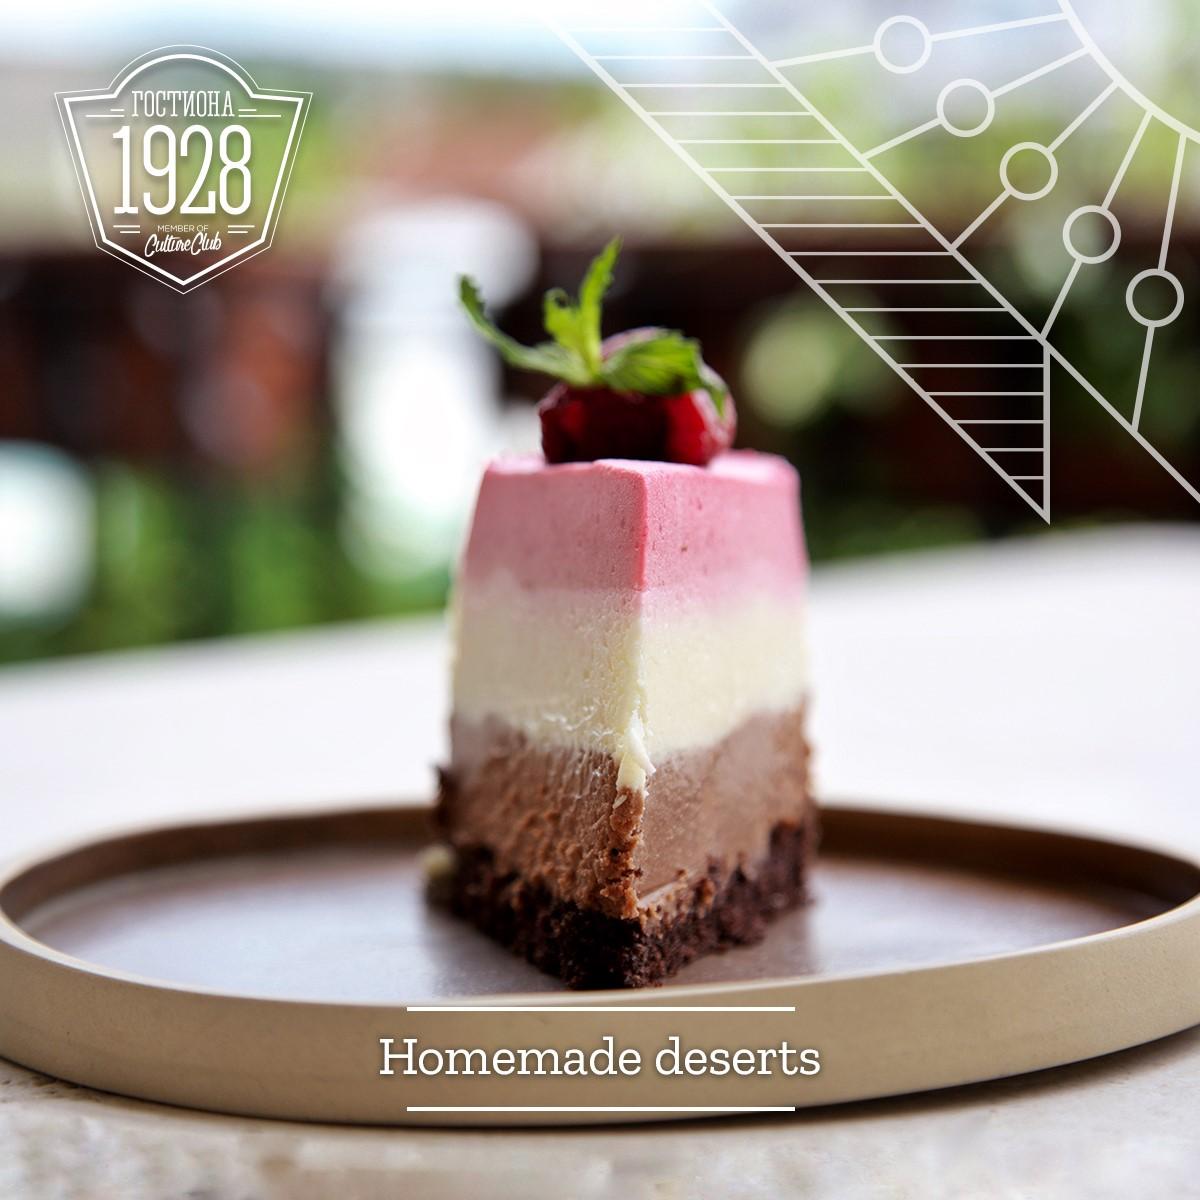 Homemade deserts